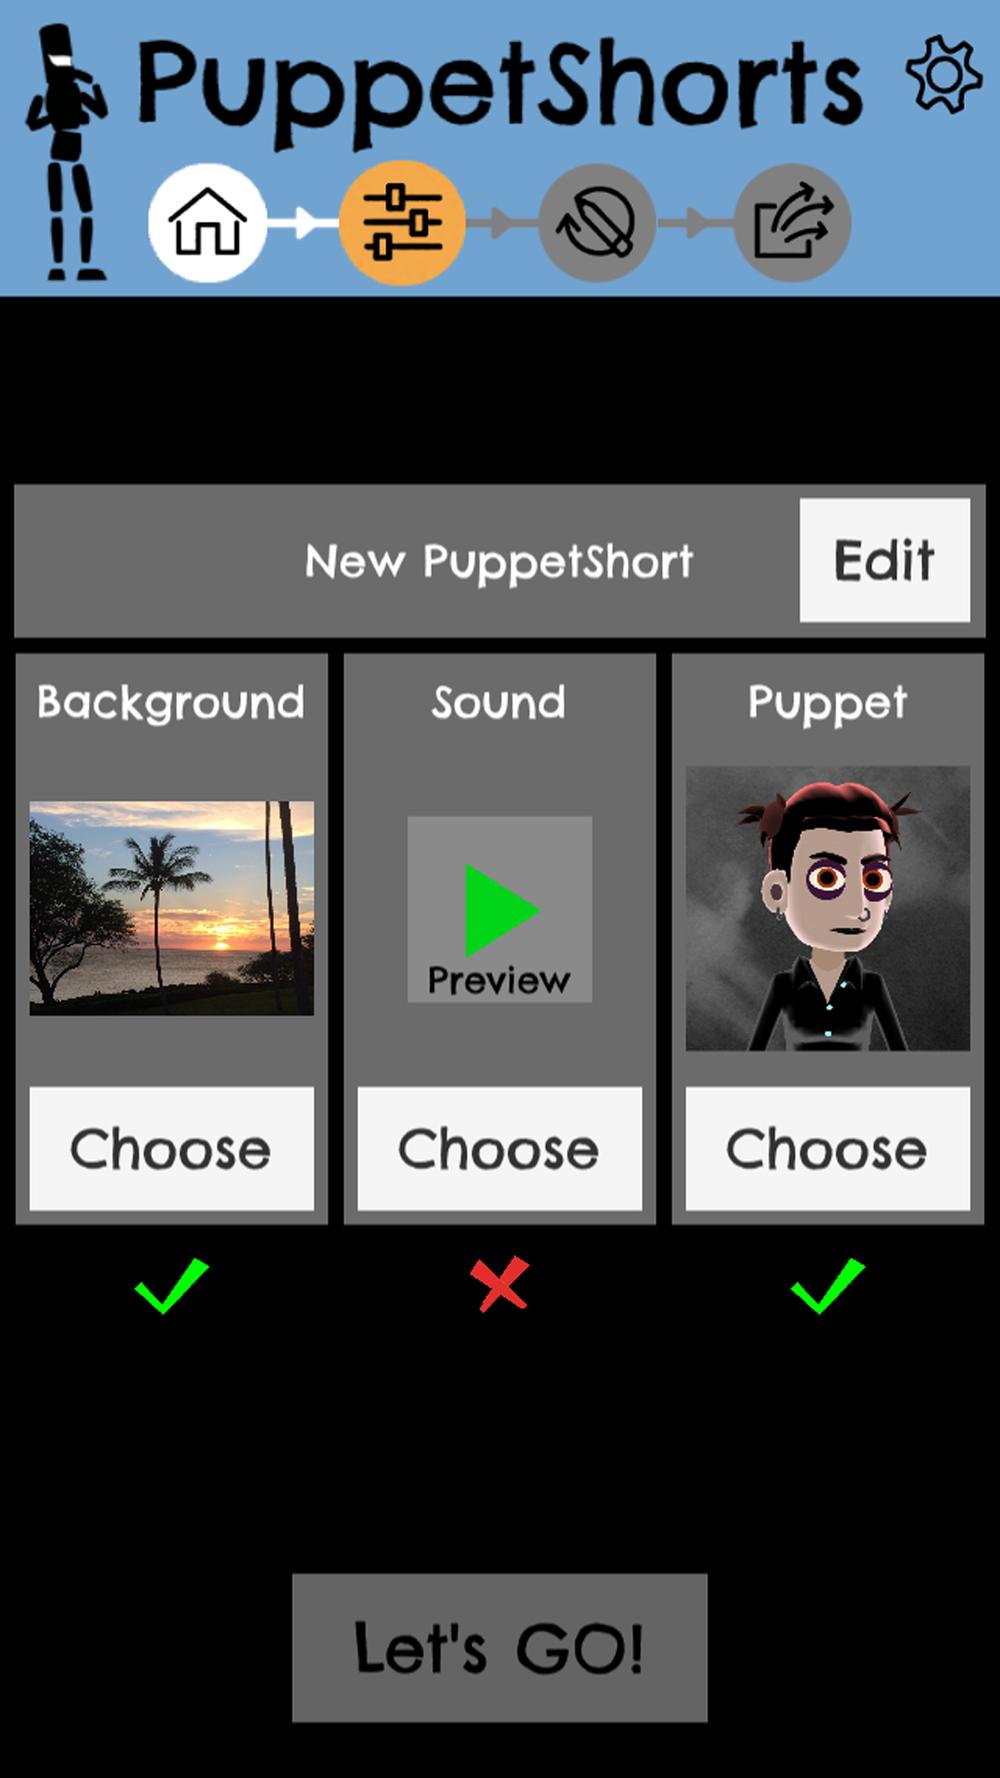 PuppetShortsPhoneScreen02.png